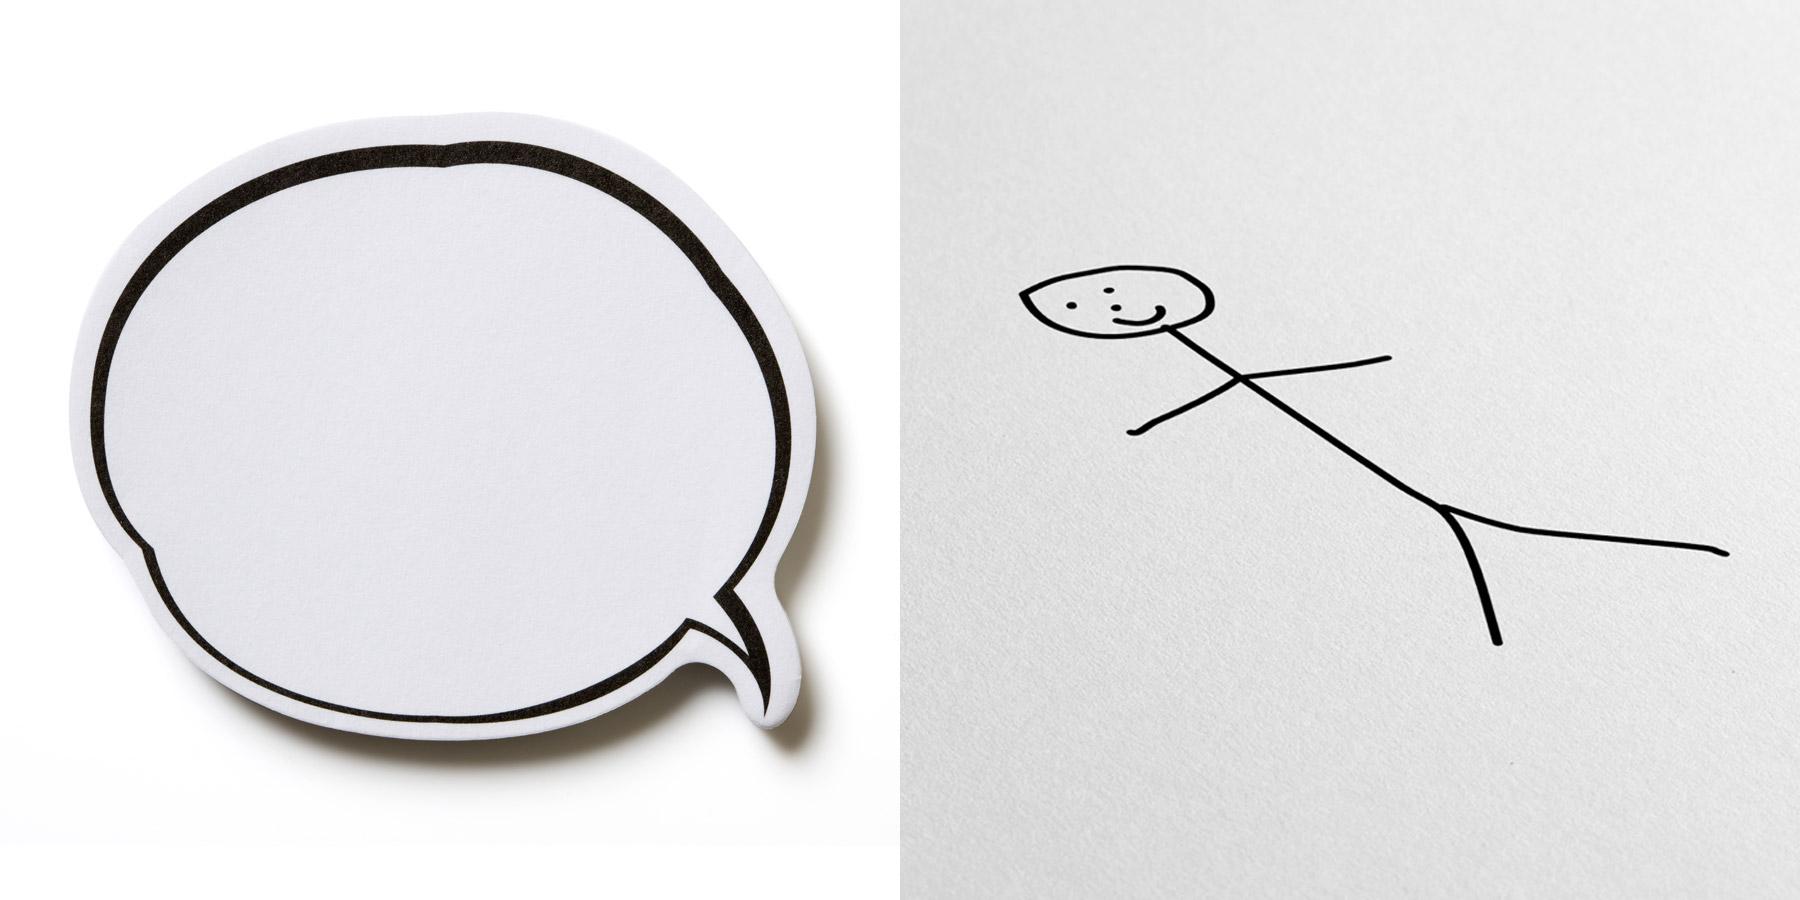 inquirly-logo-design-02